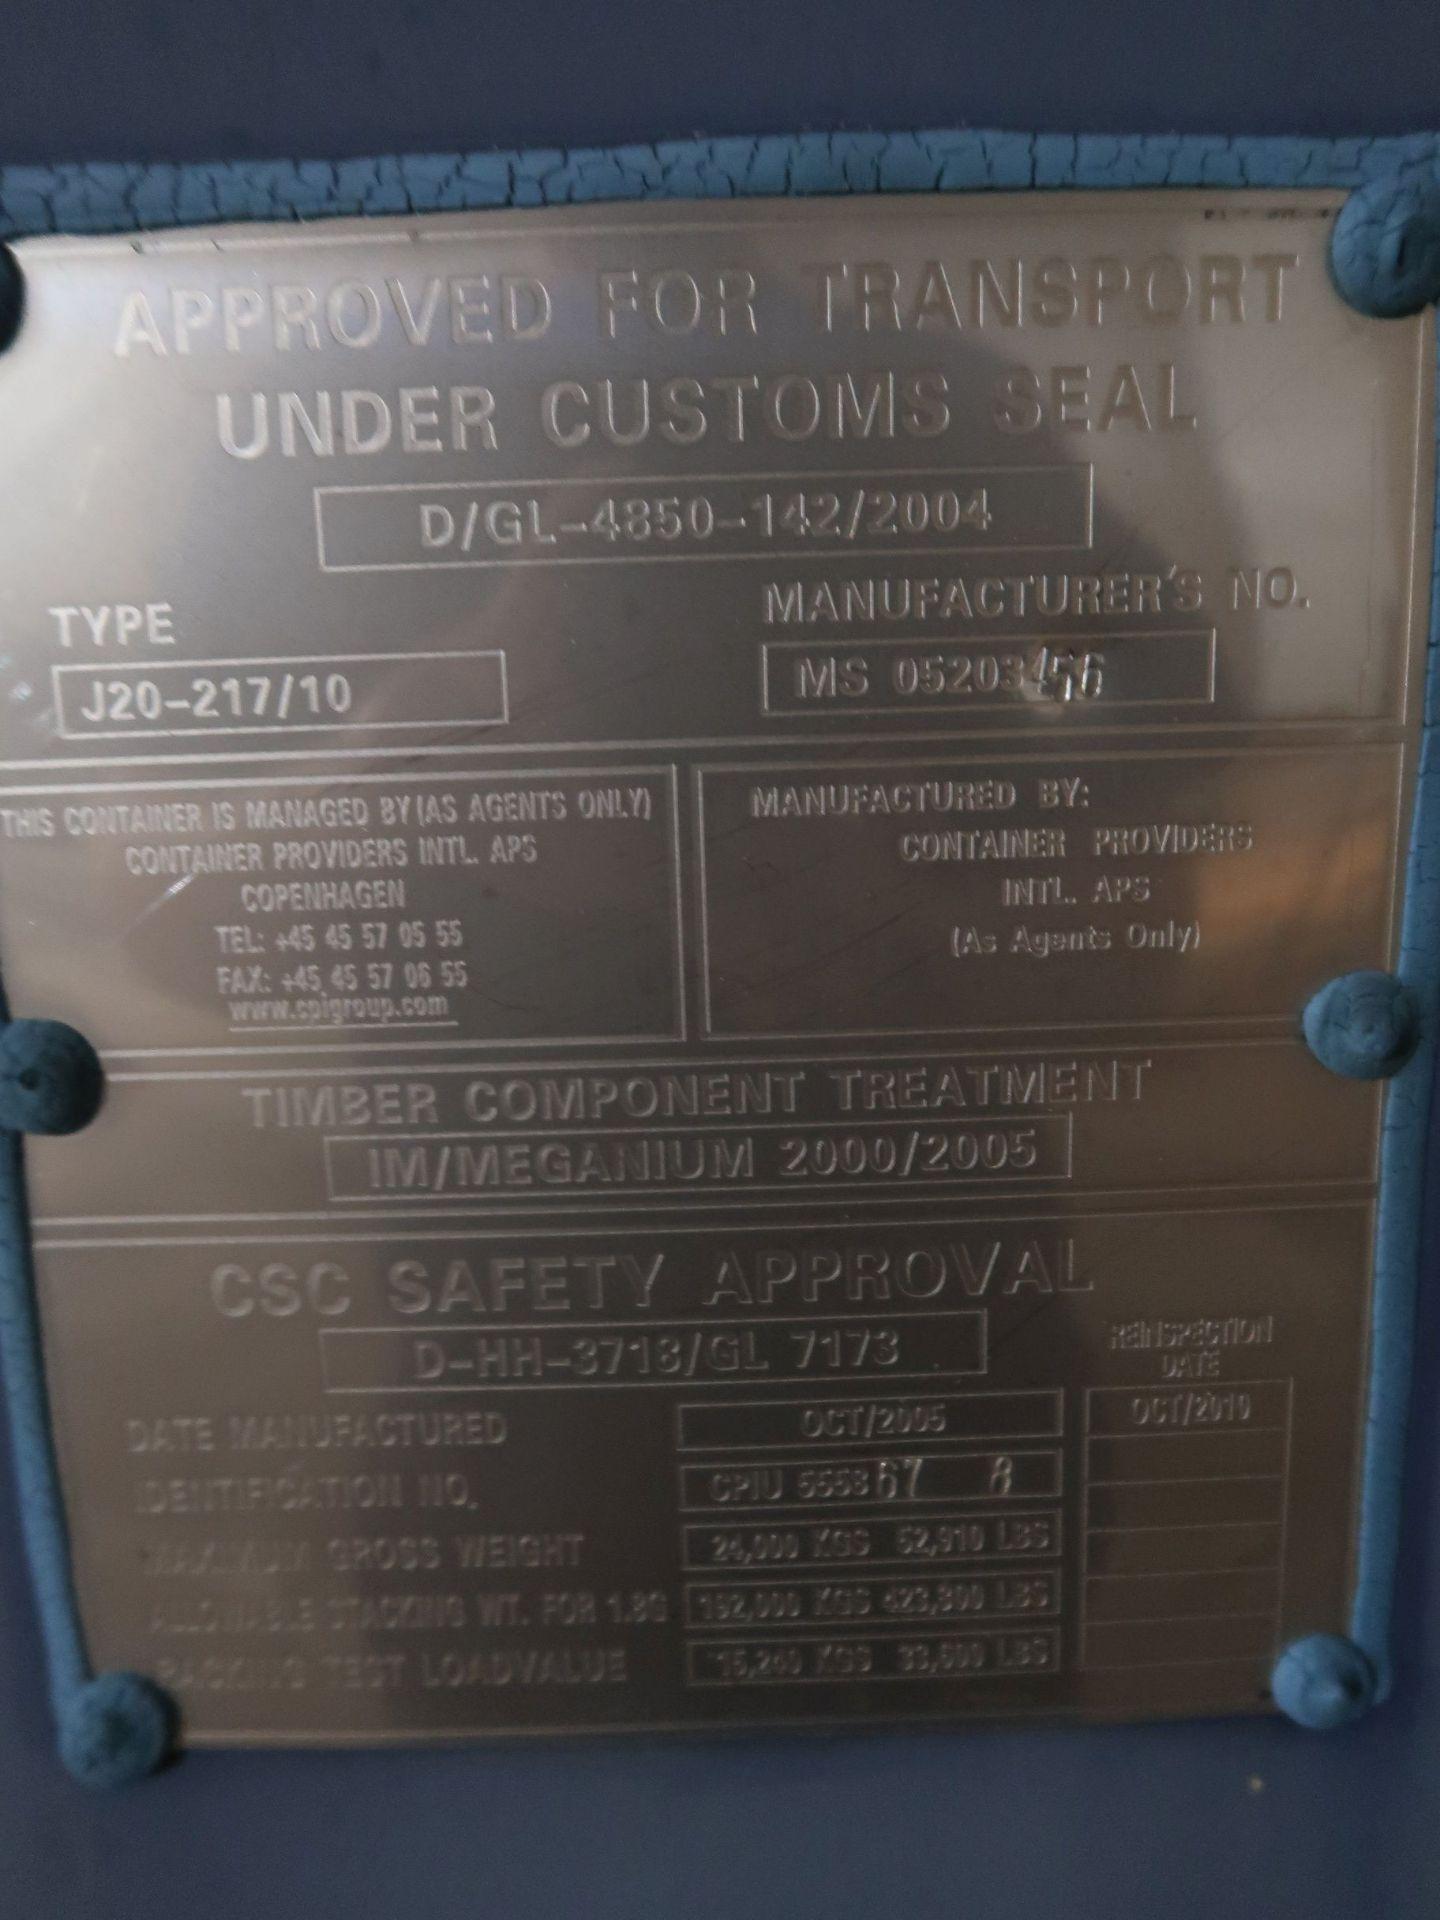 Lot 588 - 8' X 20' CONEX STORAGE CONTAINER WITH STANDARD DOOR AND SIDE DOORS